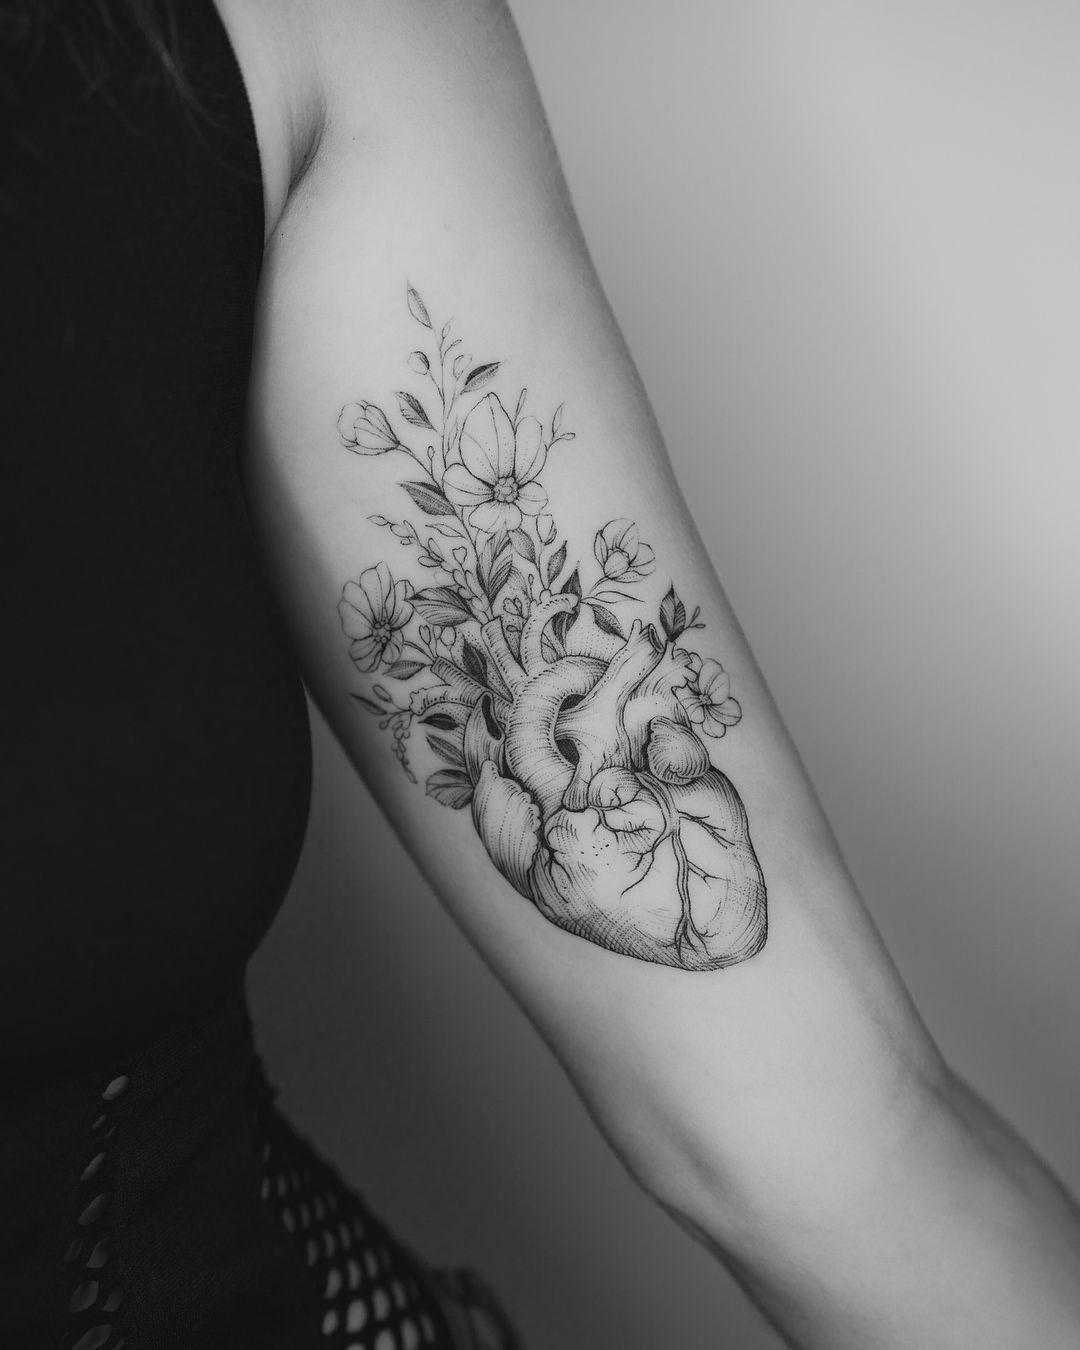 Fiori Tattoo.Tatuaggio Cuore Anatomico Con Fiori Tattoo In 2020 Heart